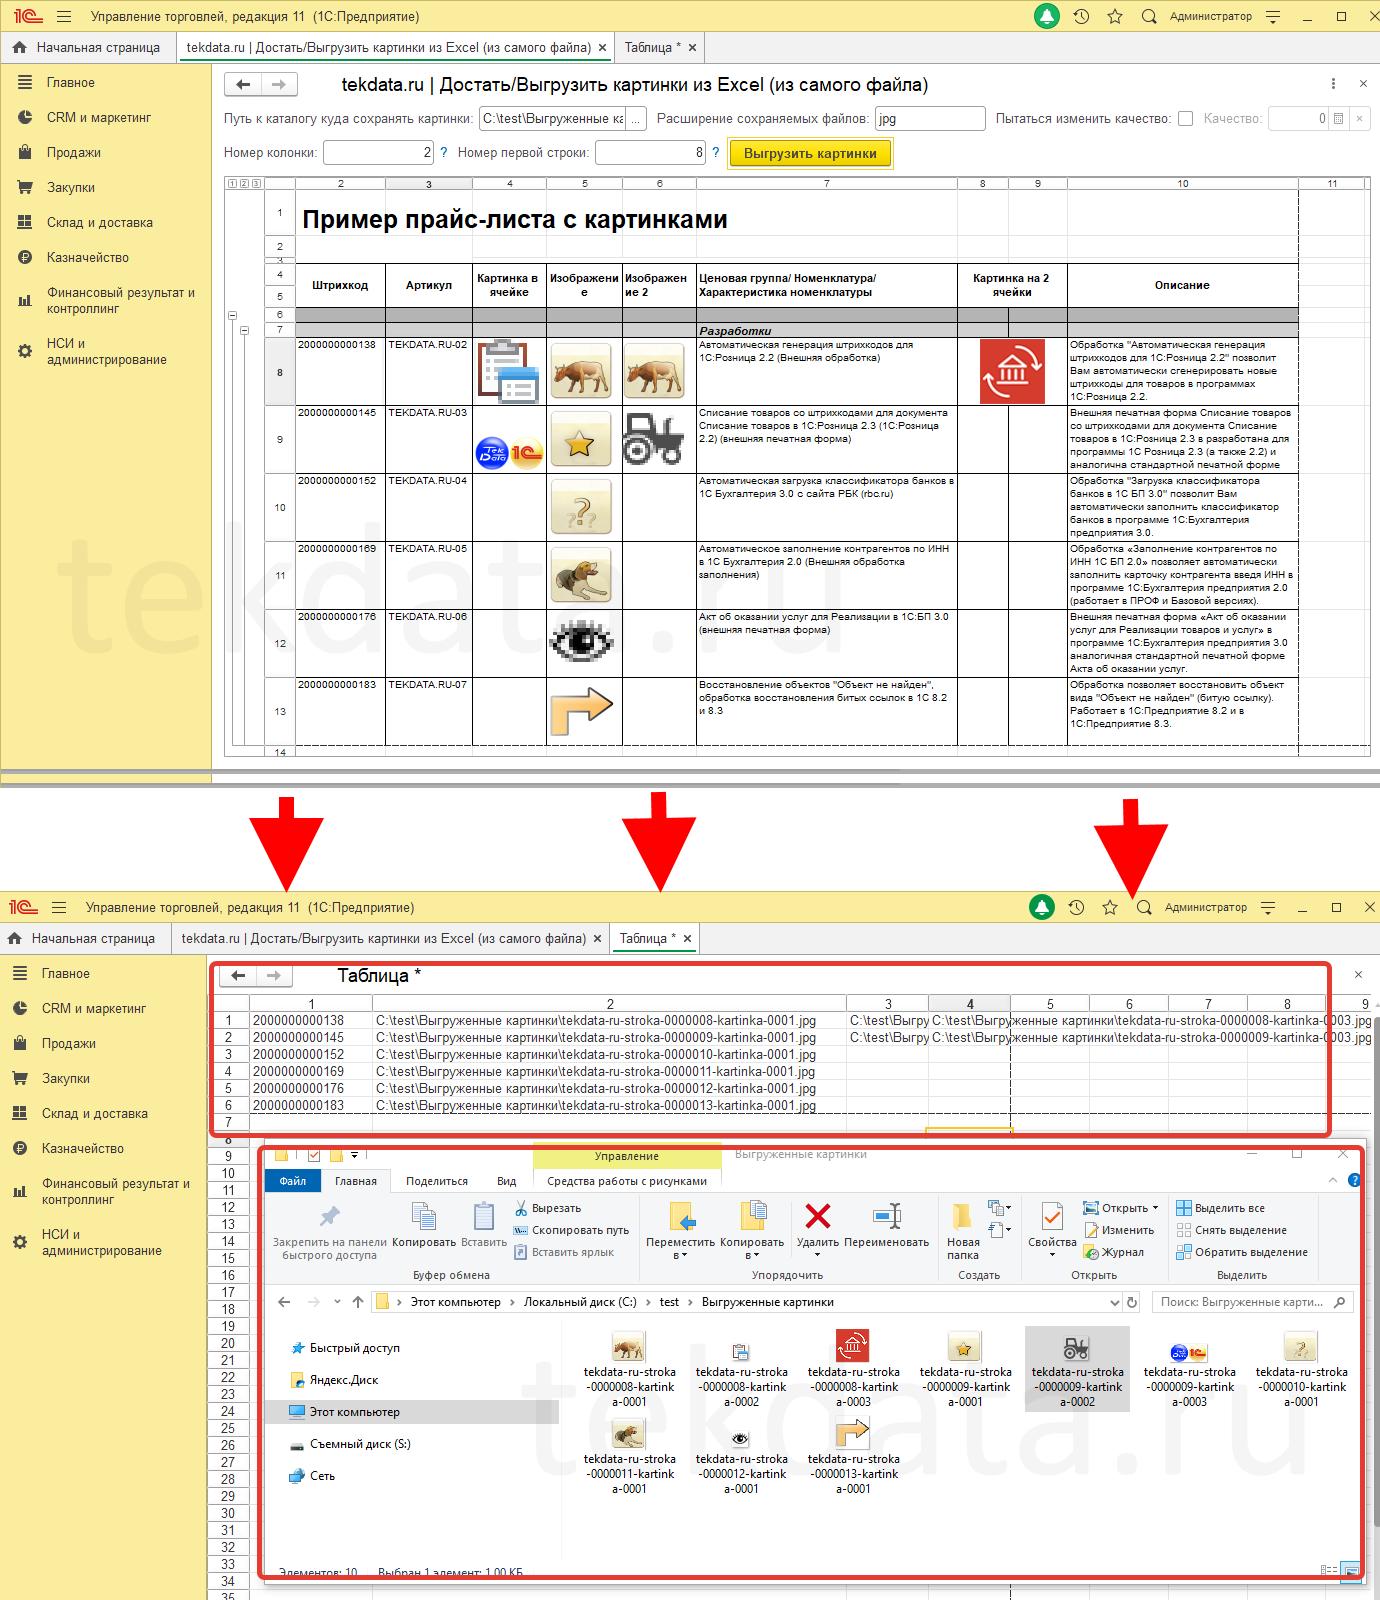 Выгрузка картинок из самого файла Excel для 1С 8.3 (внешняя обработка)